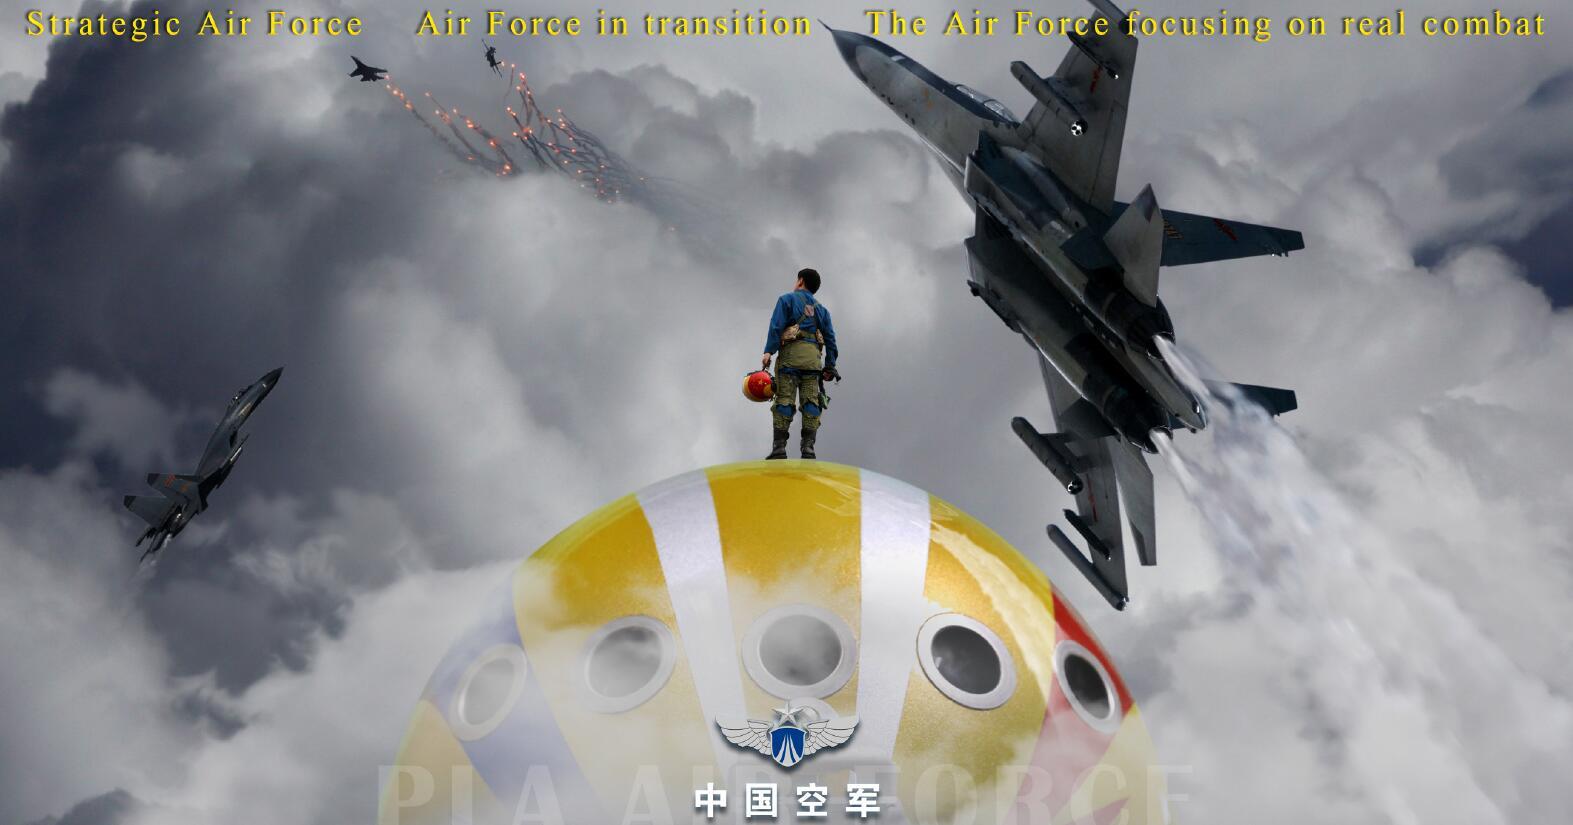 中国空军迈向全疆域作战的现代化战略性军种